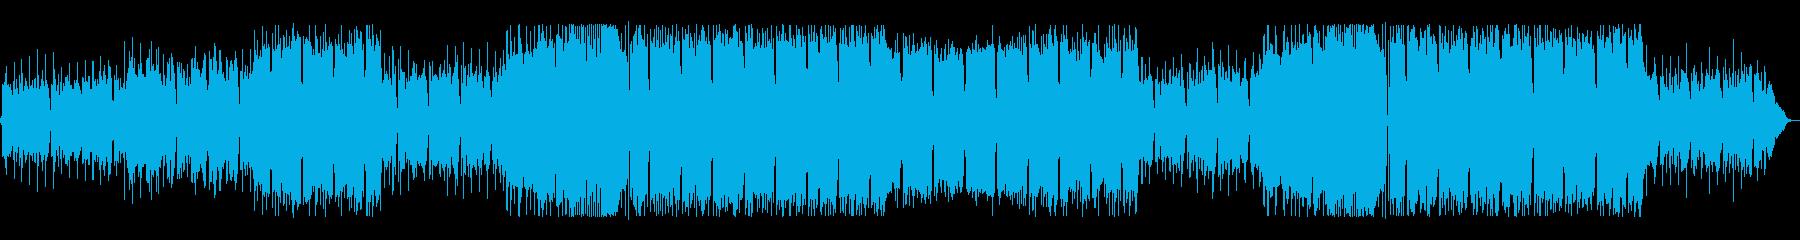 洋楽 フューチャーポップ 暗い中でも希望の再生済みの波形